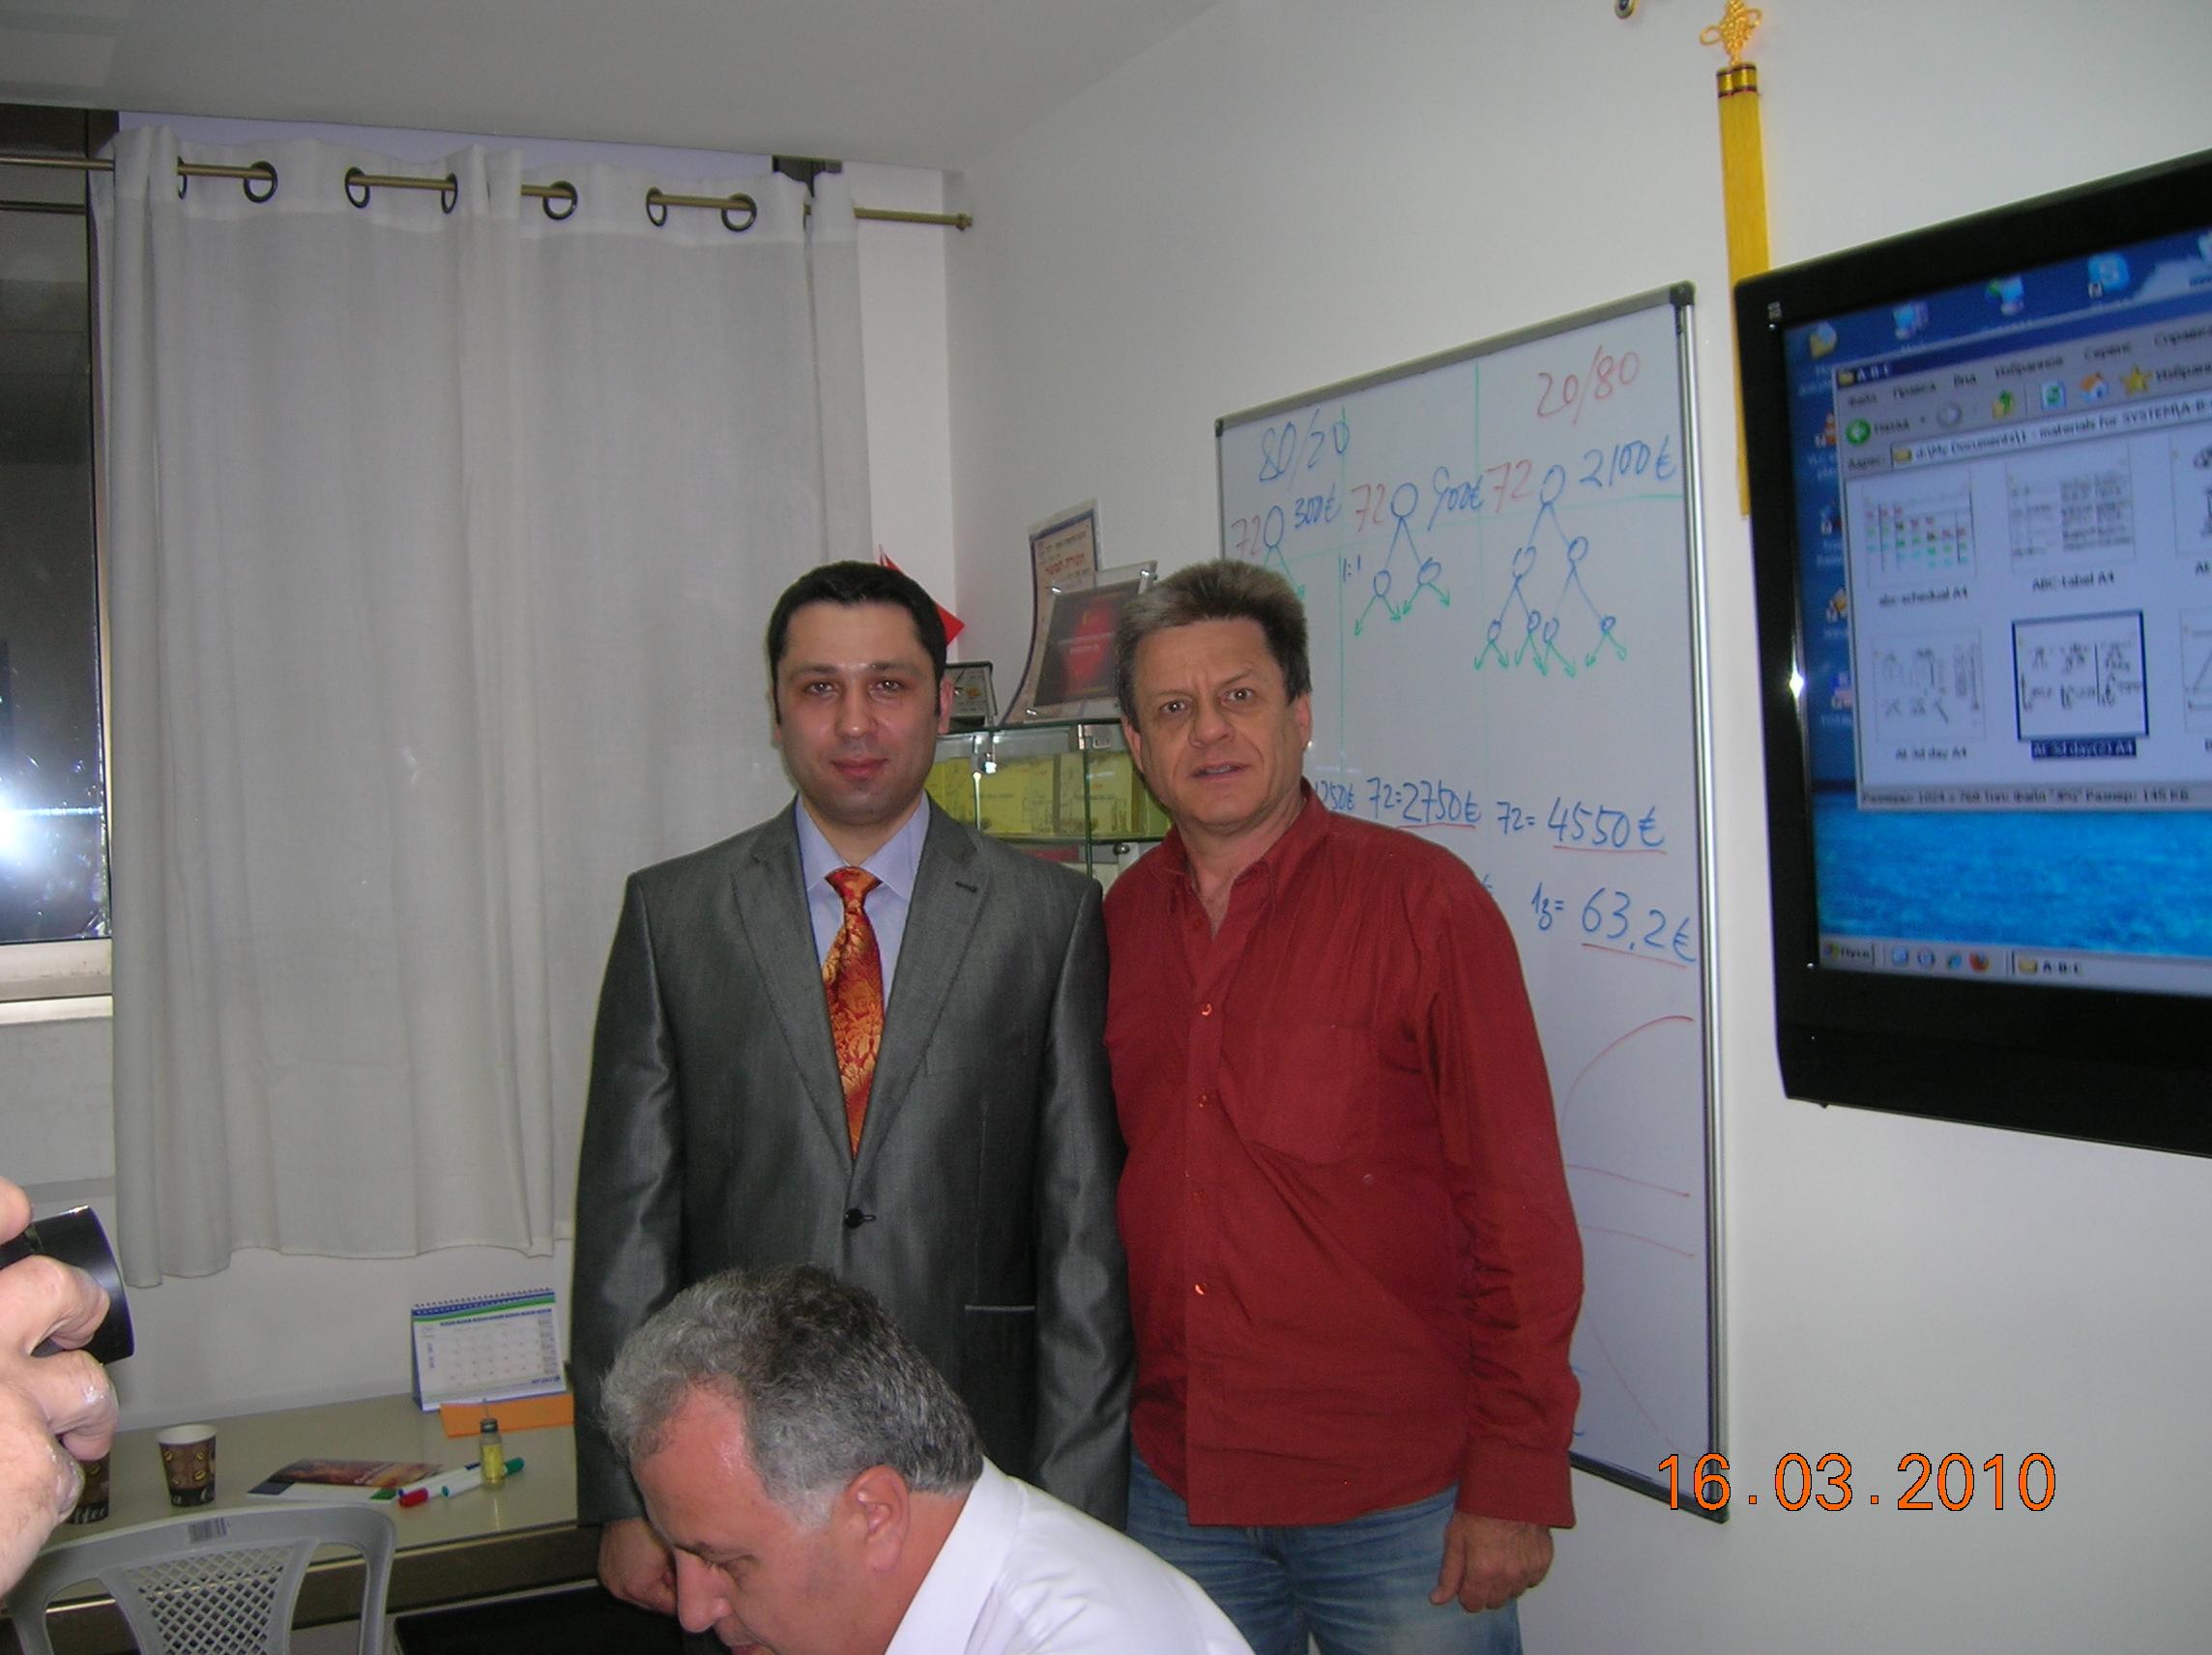 בתמונה יוסי זילברפרב עם יורי סודייב סגן נשיא FITA העולמי כשהגיע להעביר סמינר הצלחה לספונסור